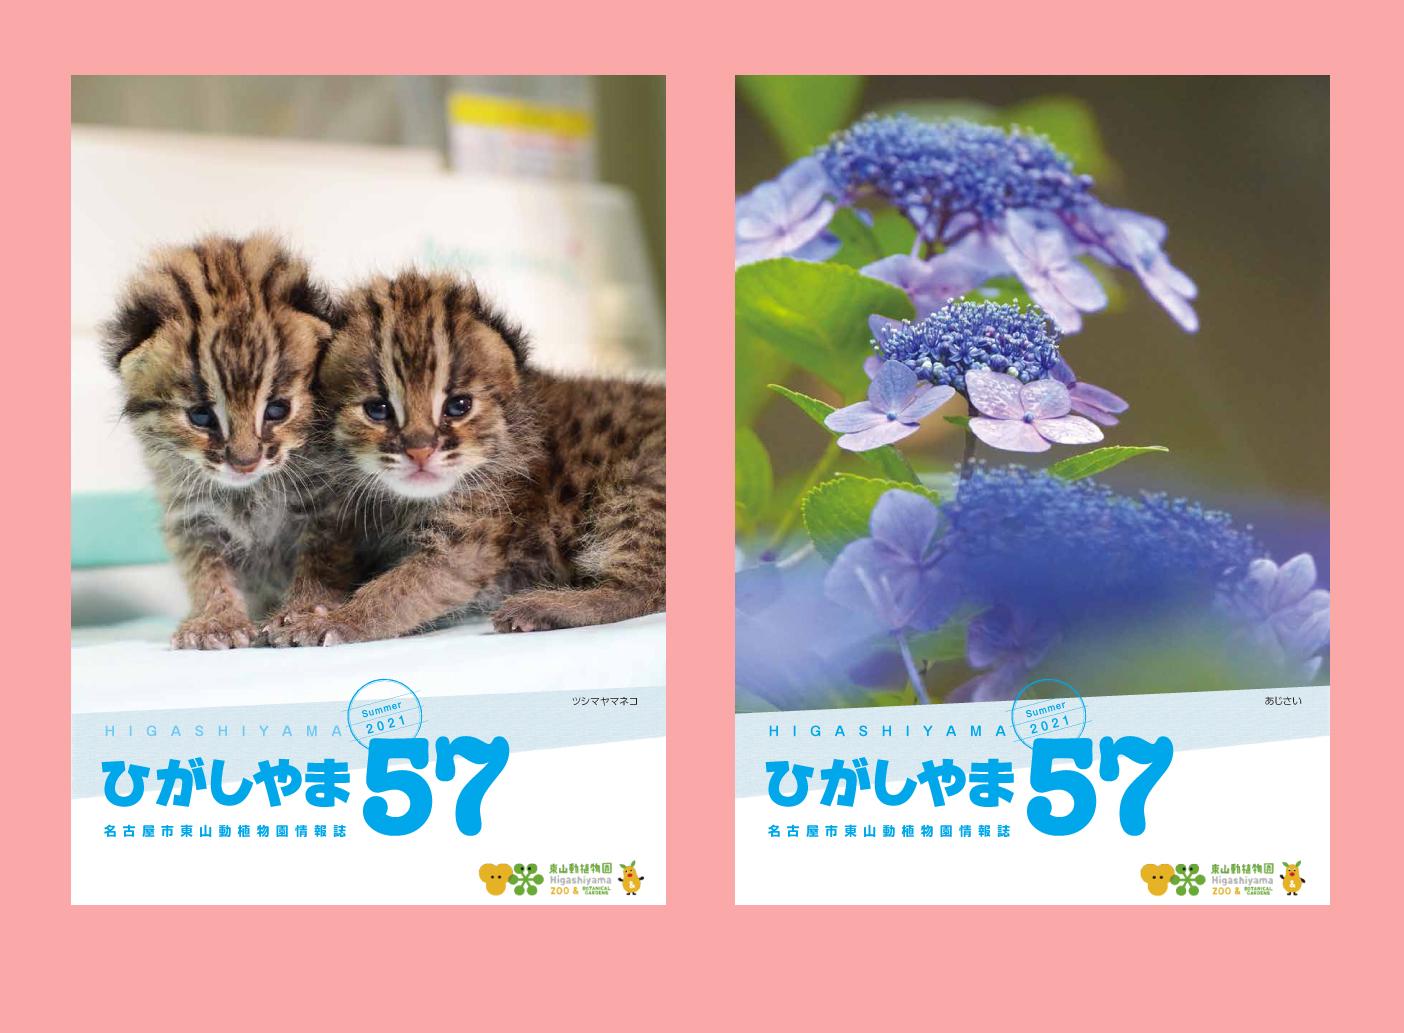 東山動植物園の情報誌ひがしやま57号を発行しました